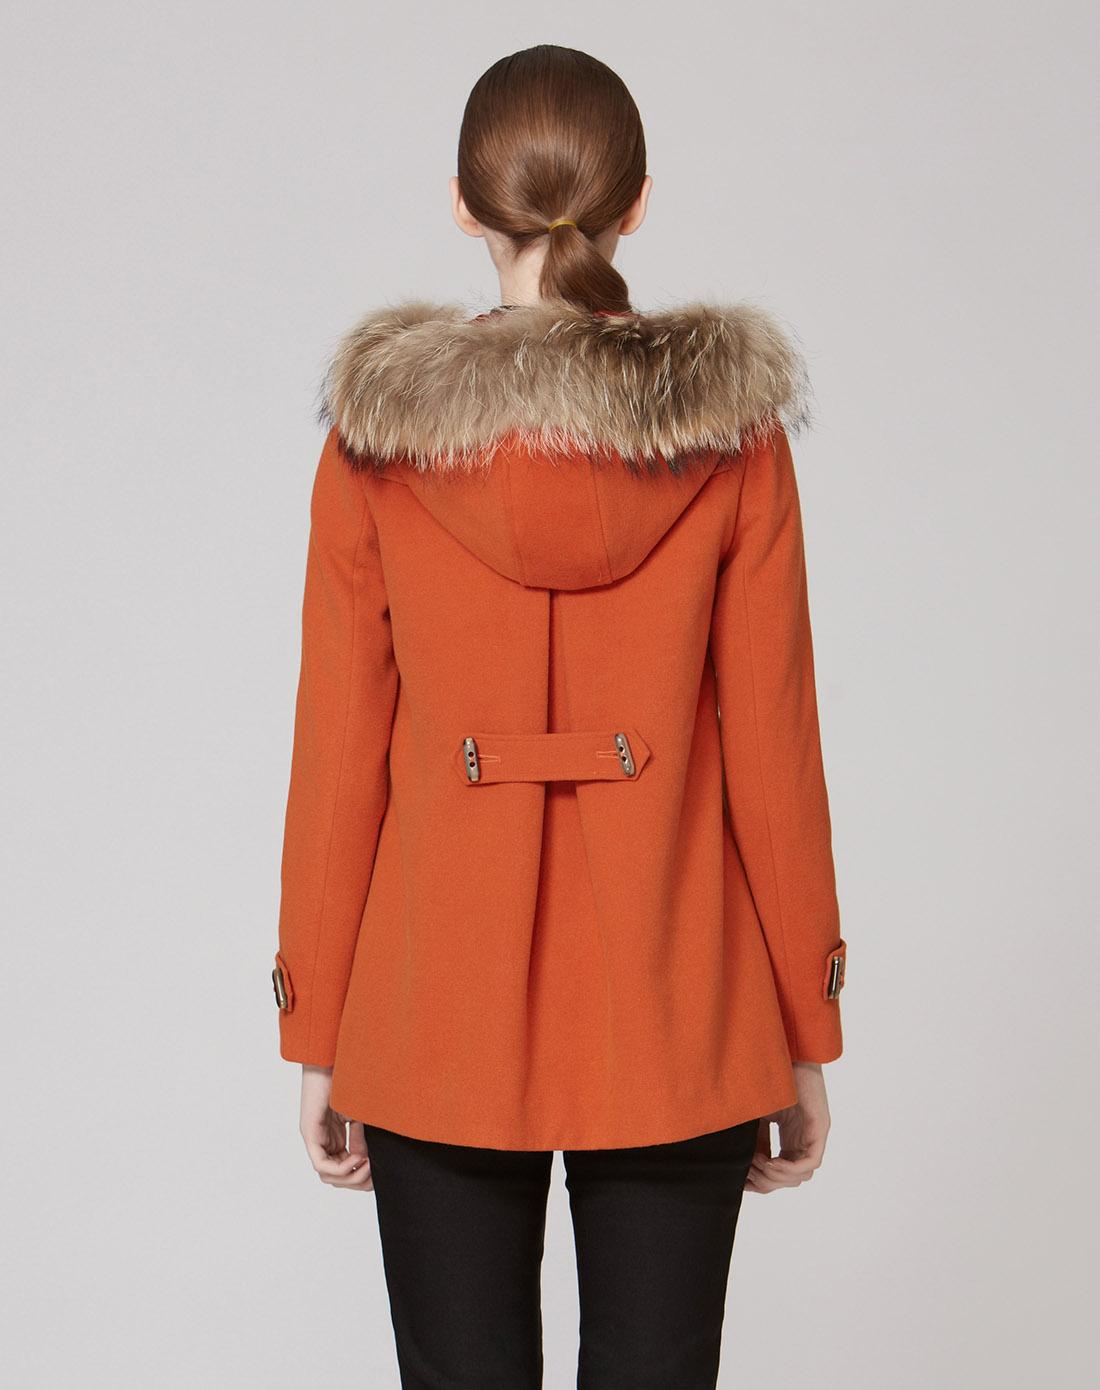 【金丝绒外套长款女】金丝绒外套长款女品牌、价格 - 阿里巴巴